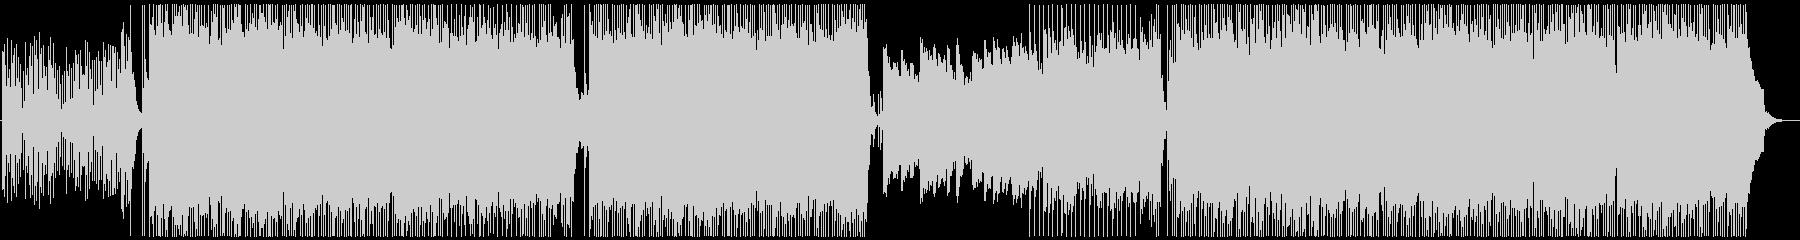 ロック、ポップス系エレキギターの未再生の波形